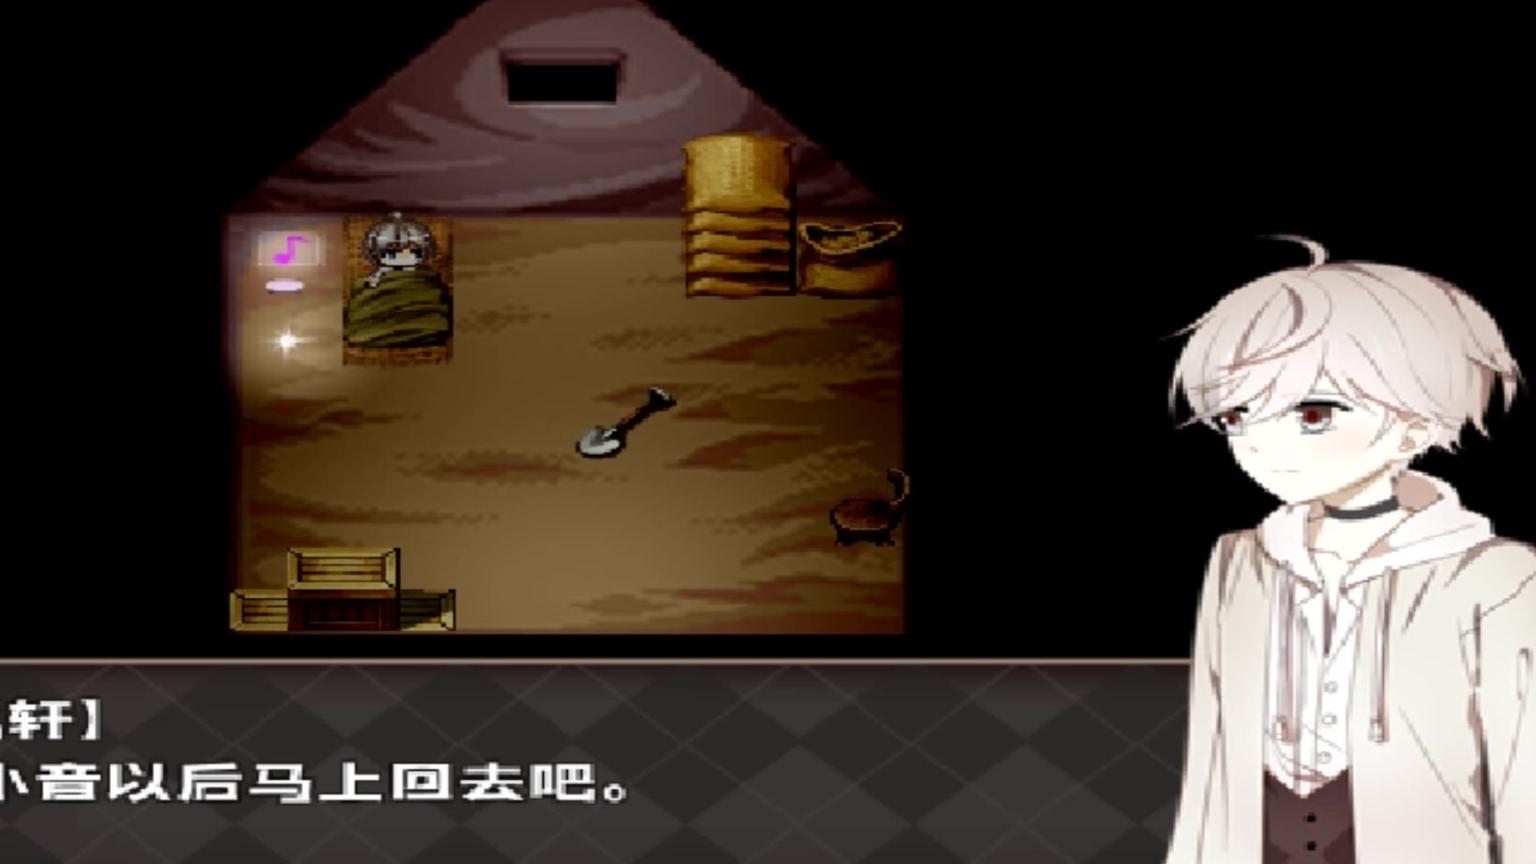 《夜弦之音》国产恐怖解密RPG实况解说第一期:寻找小音